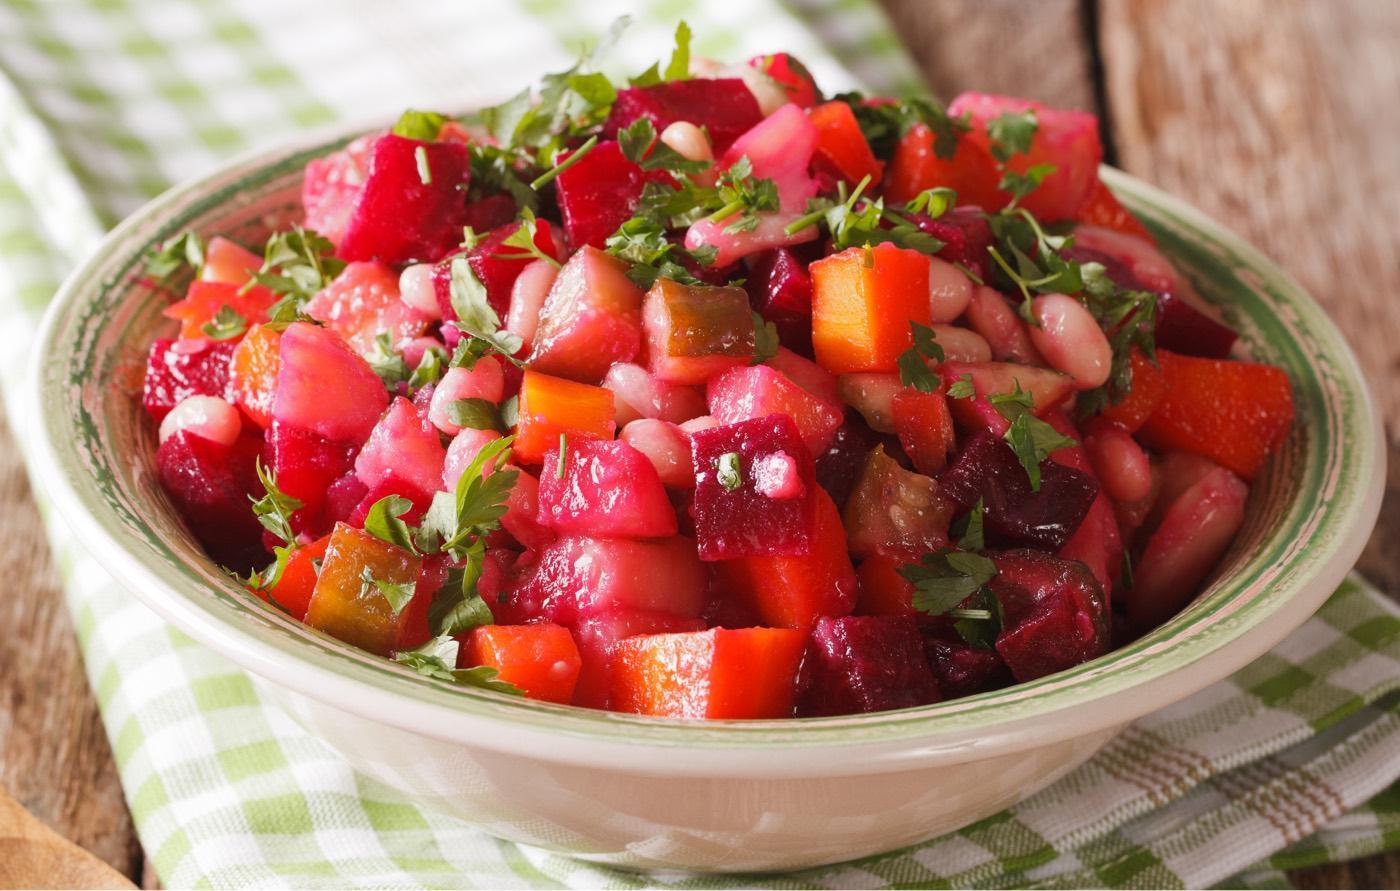 Insalata sfiziosa semplice da preparare a base di rapa rossa, carote rosse, cipolla rossa di tropea e pomodori datterino